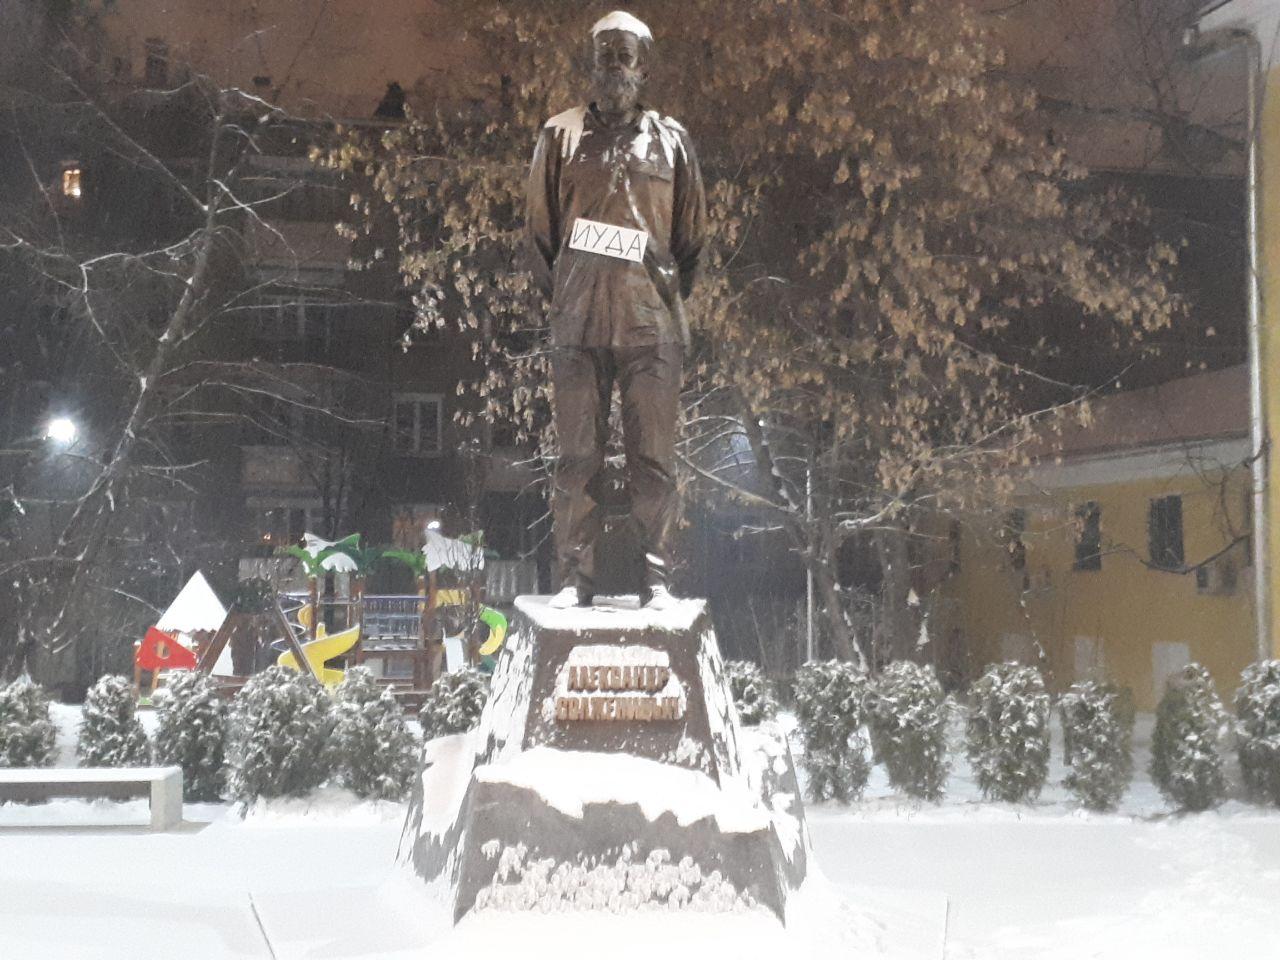 20181206_14-08-Оказывается, власти молча поставили памятник Лжецу